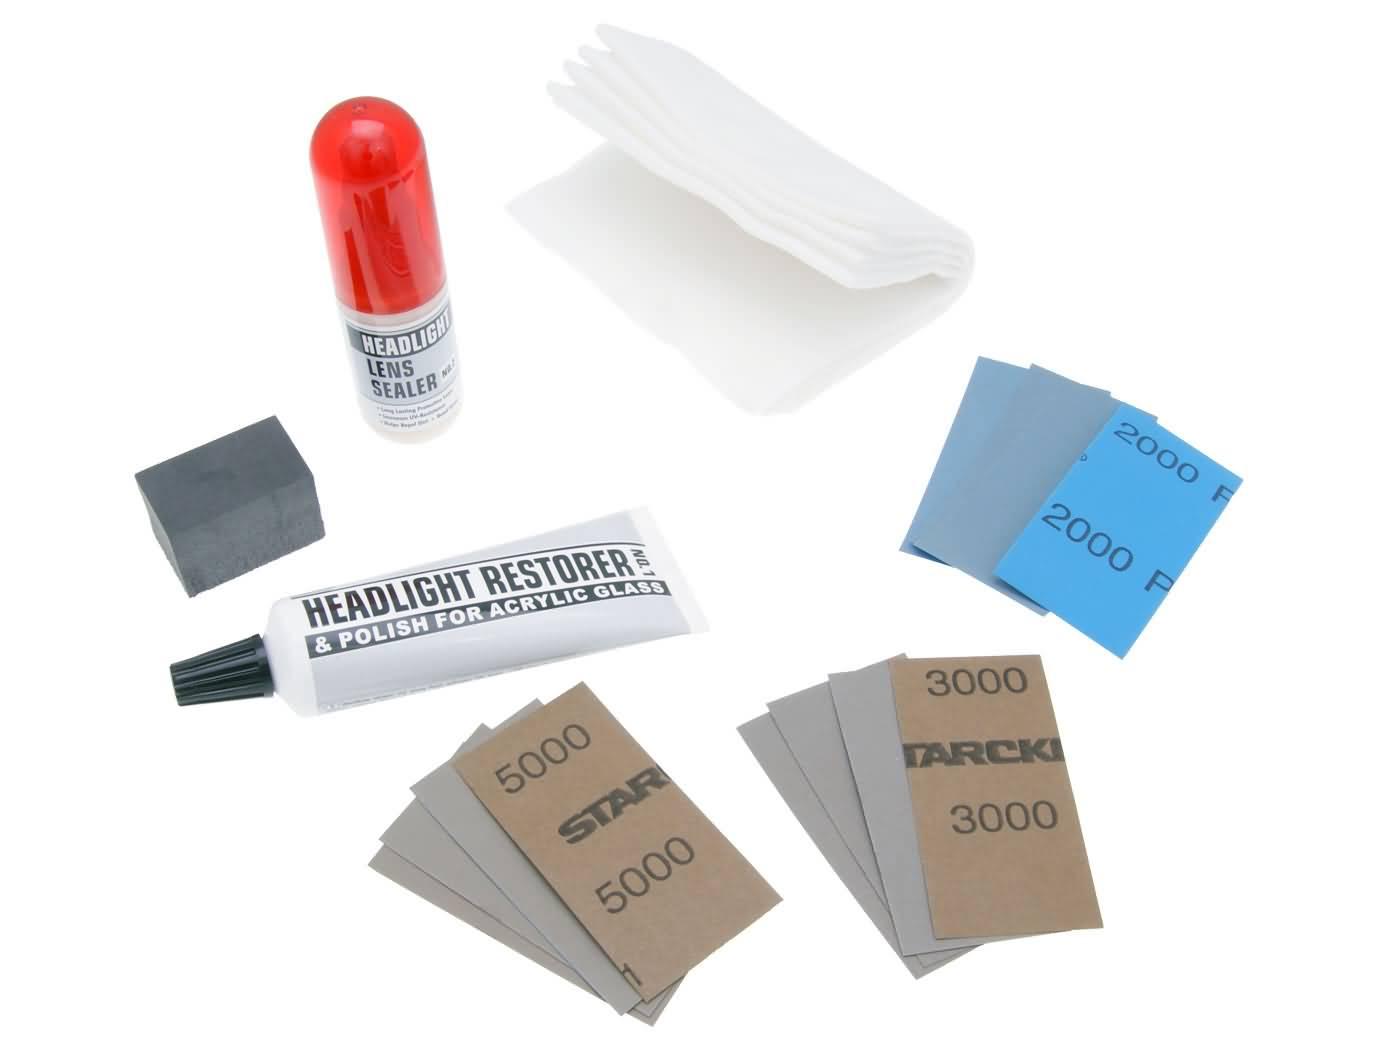 Strlkastarrengring Presto Hand Sealer Sj0052 Tillbaka